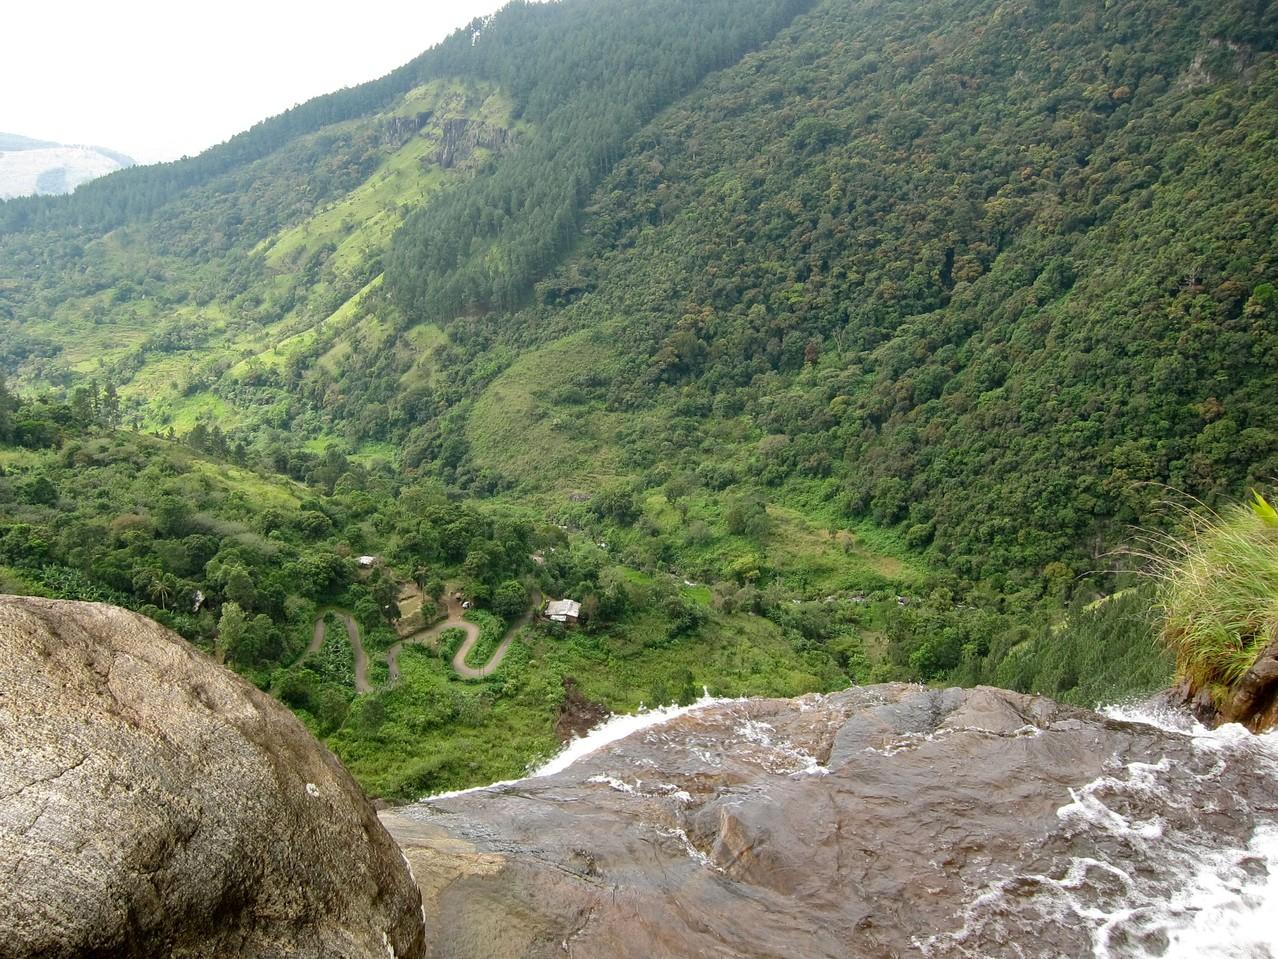 Wanderung Bambarakanda Wasserfall Sri Lanka